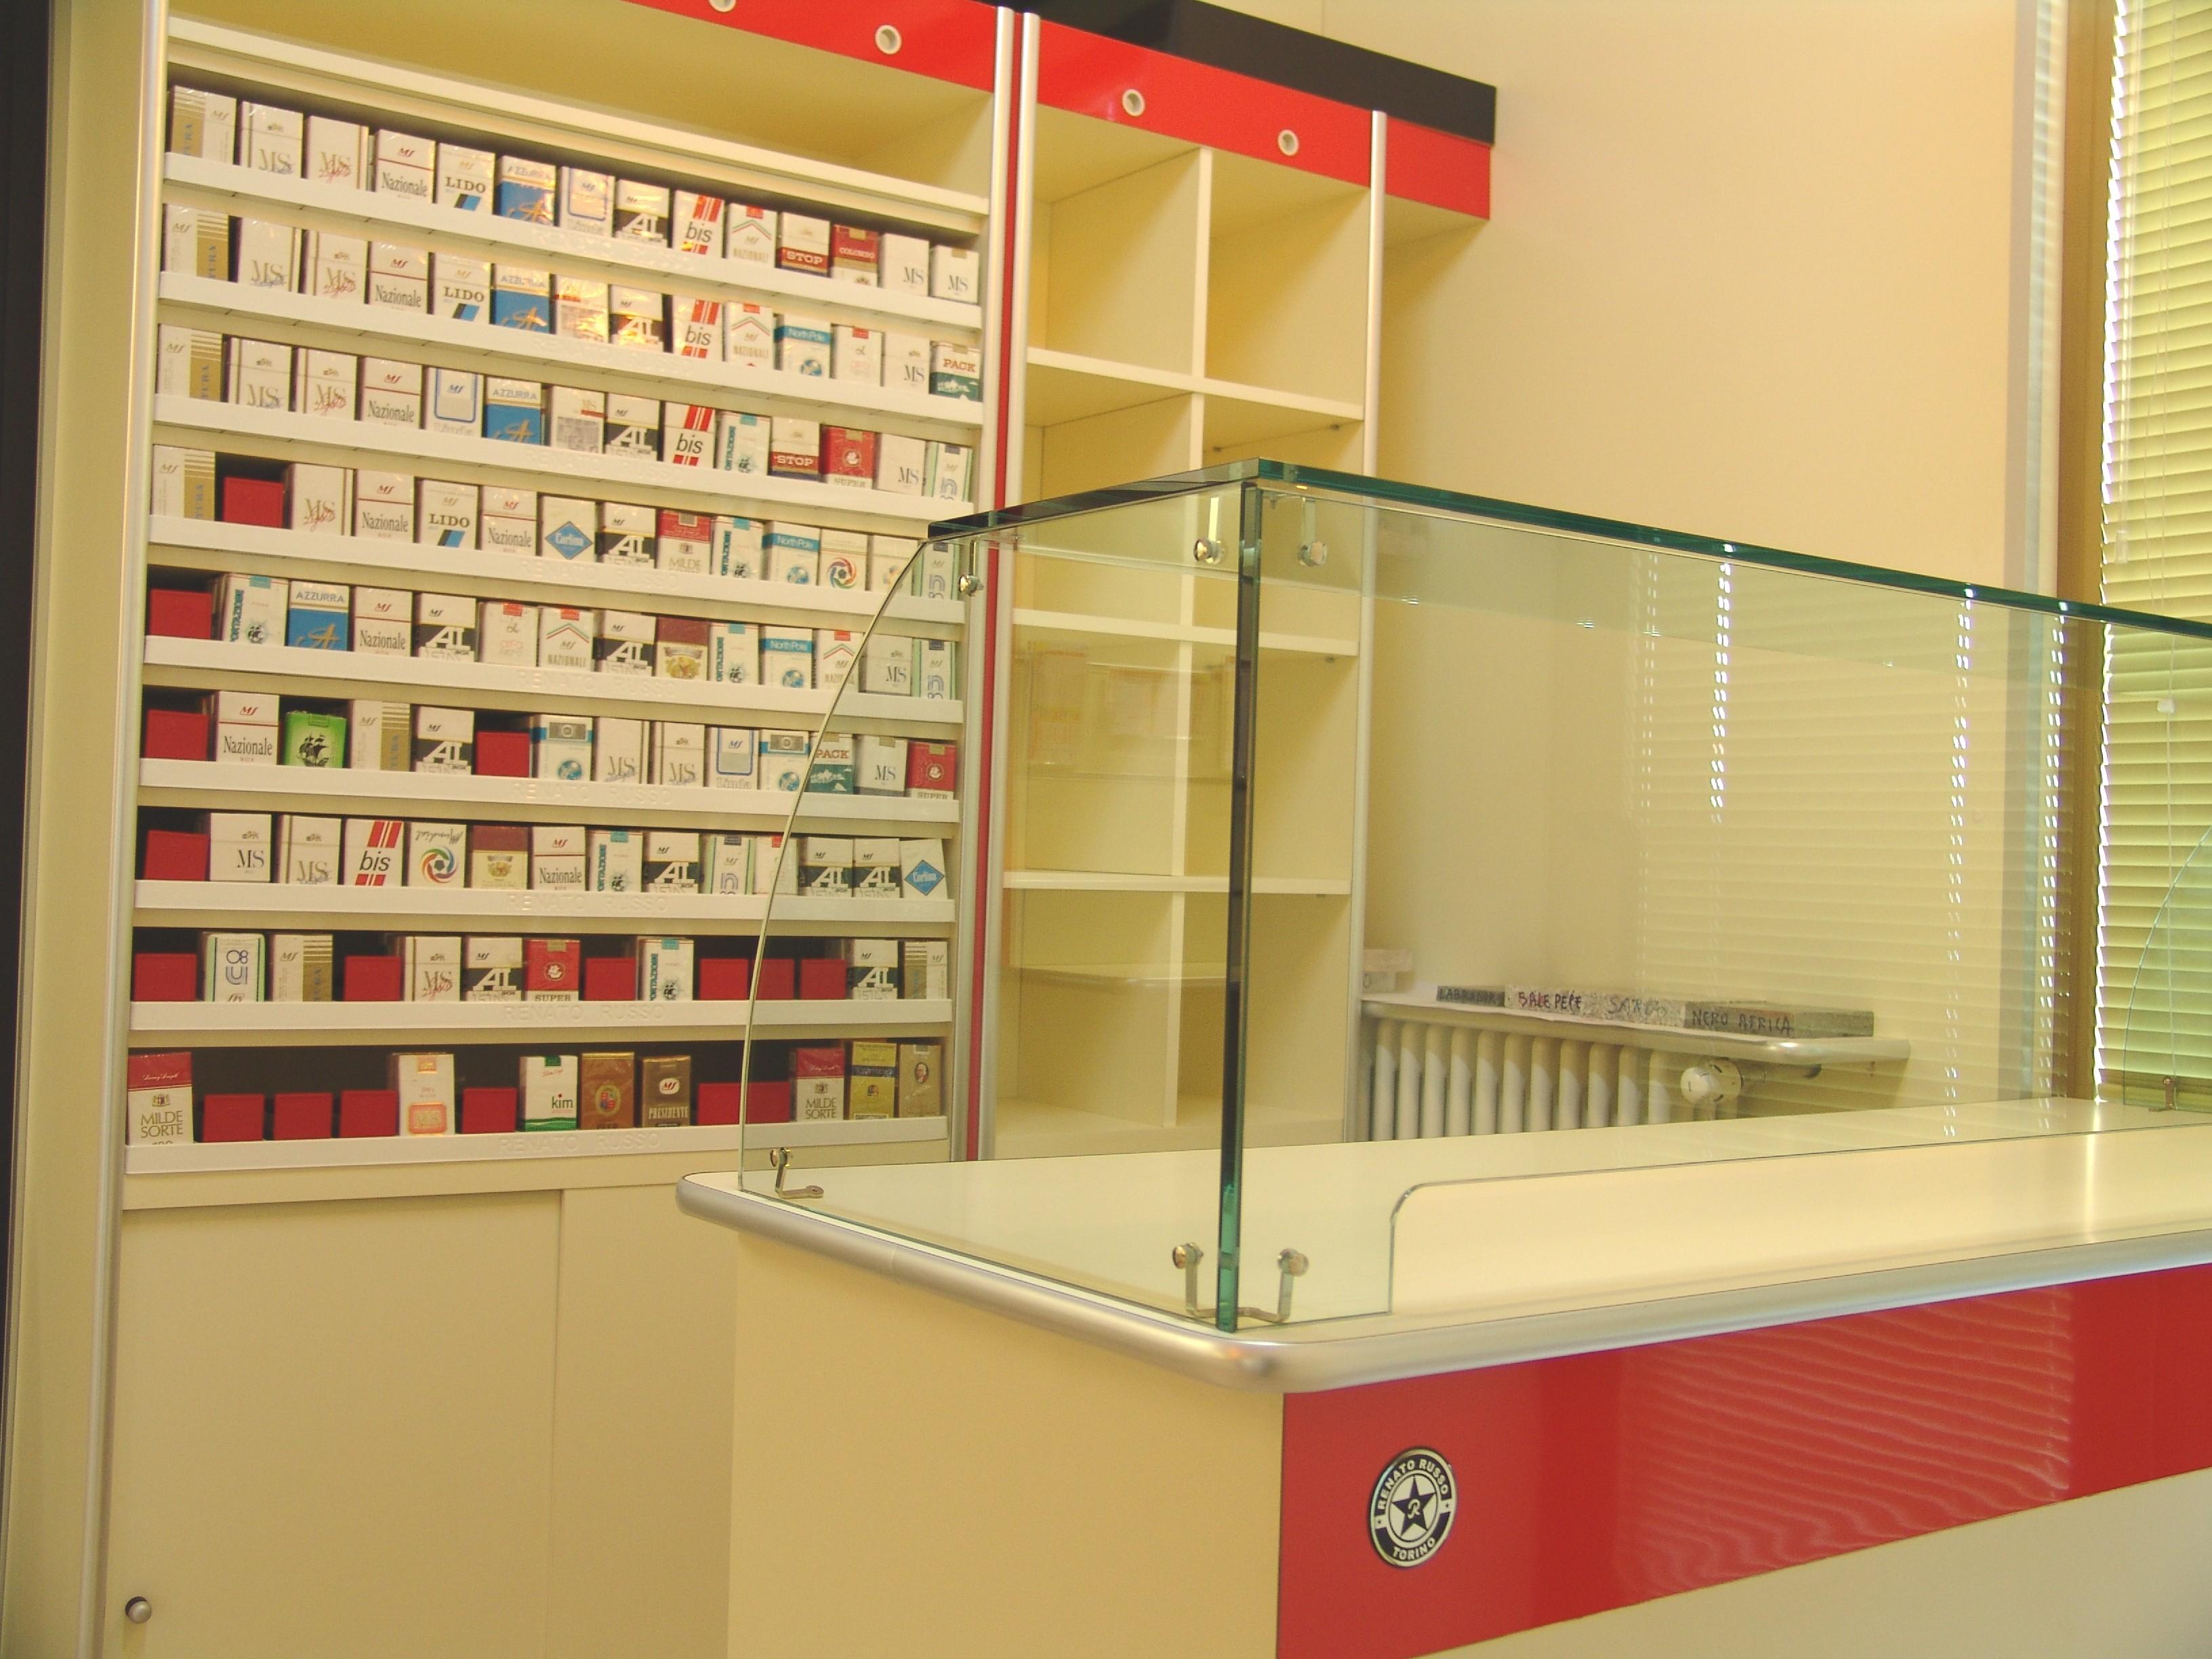 Espositori per occhiali compra in fabbrica aste for Arredamento tabaccheria prezzi